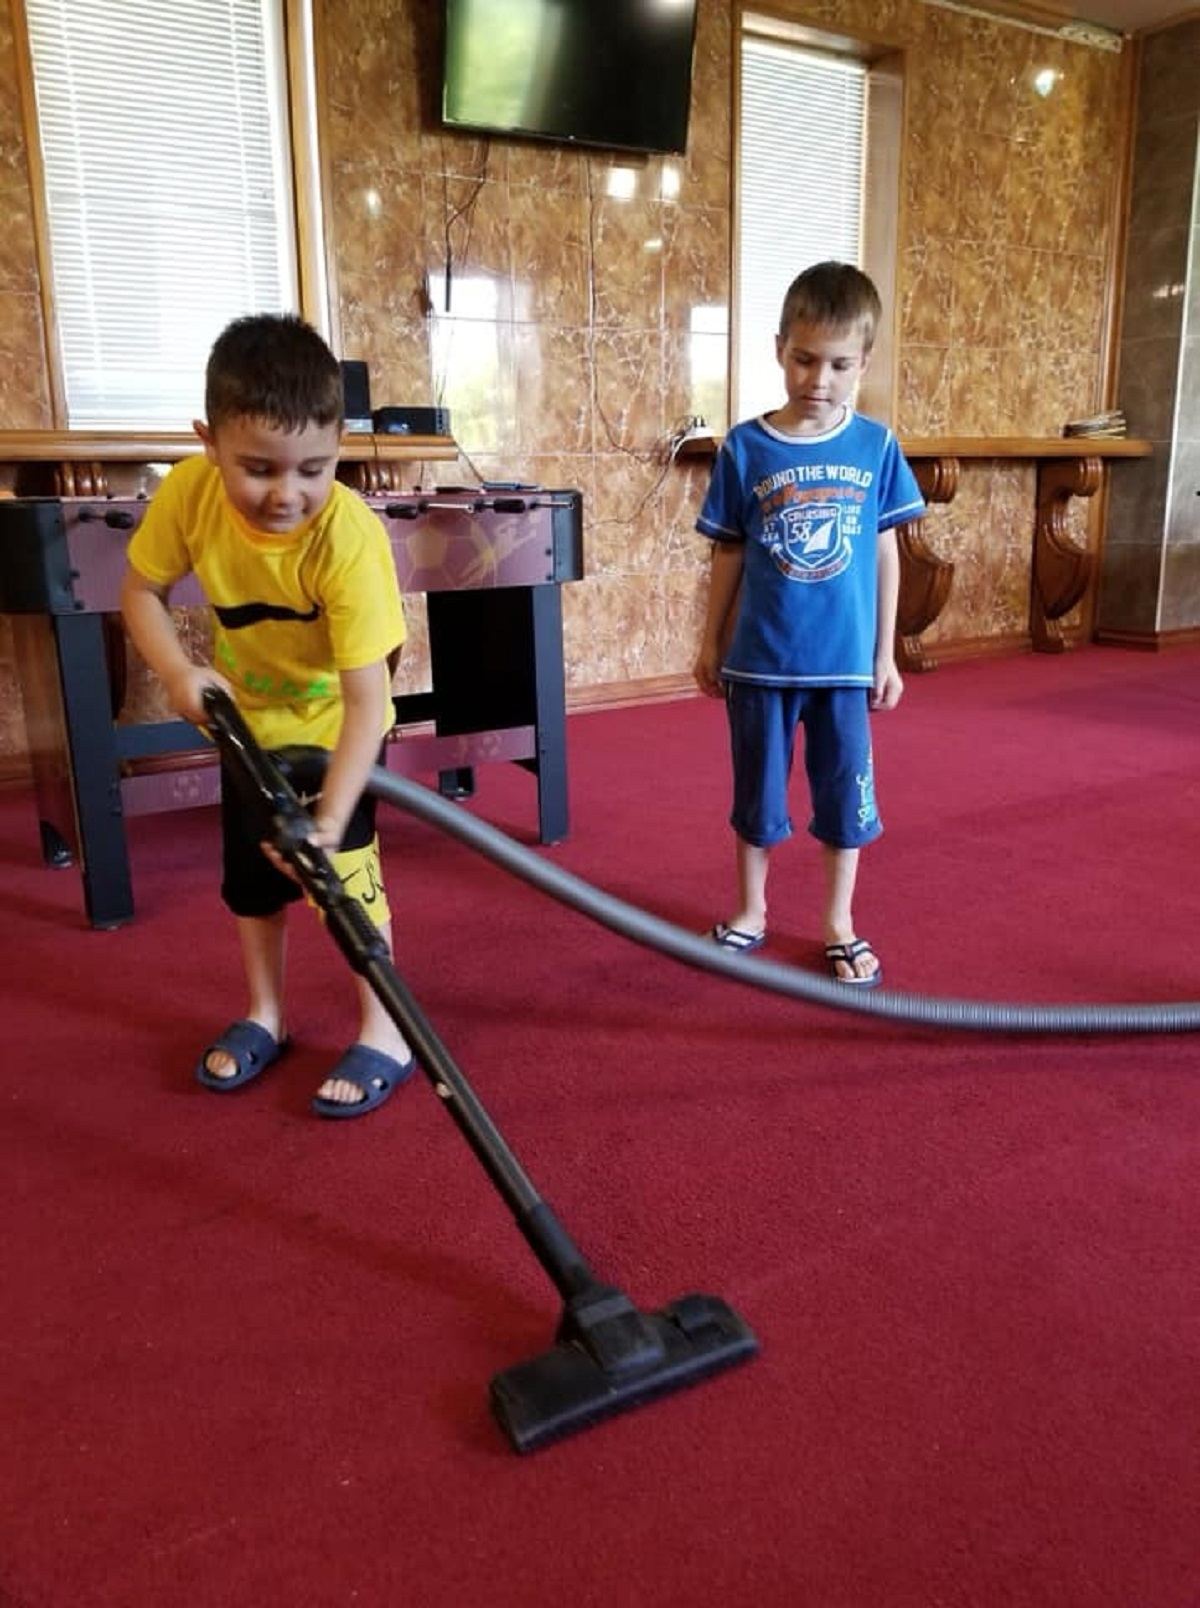 Спортивна база «Борець» відкриває табір для дітей та підлітків - 4 - Спорт - Без Купюр